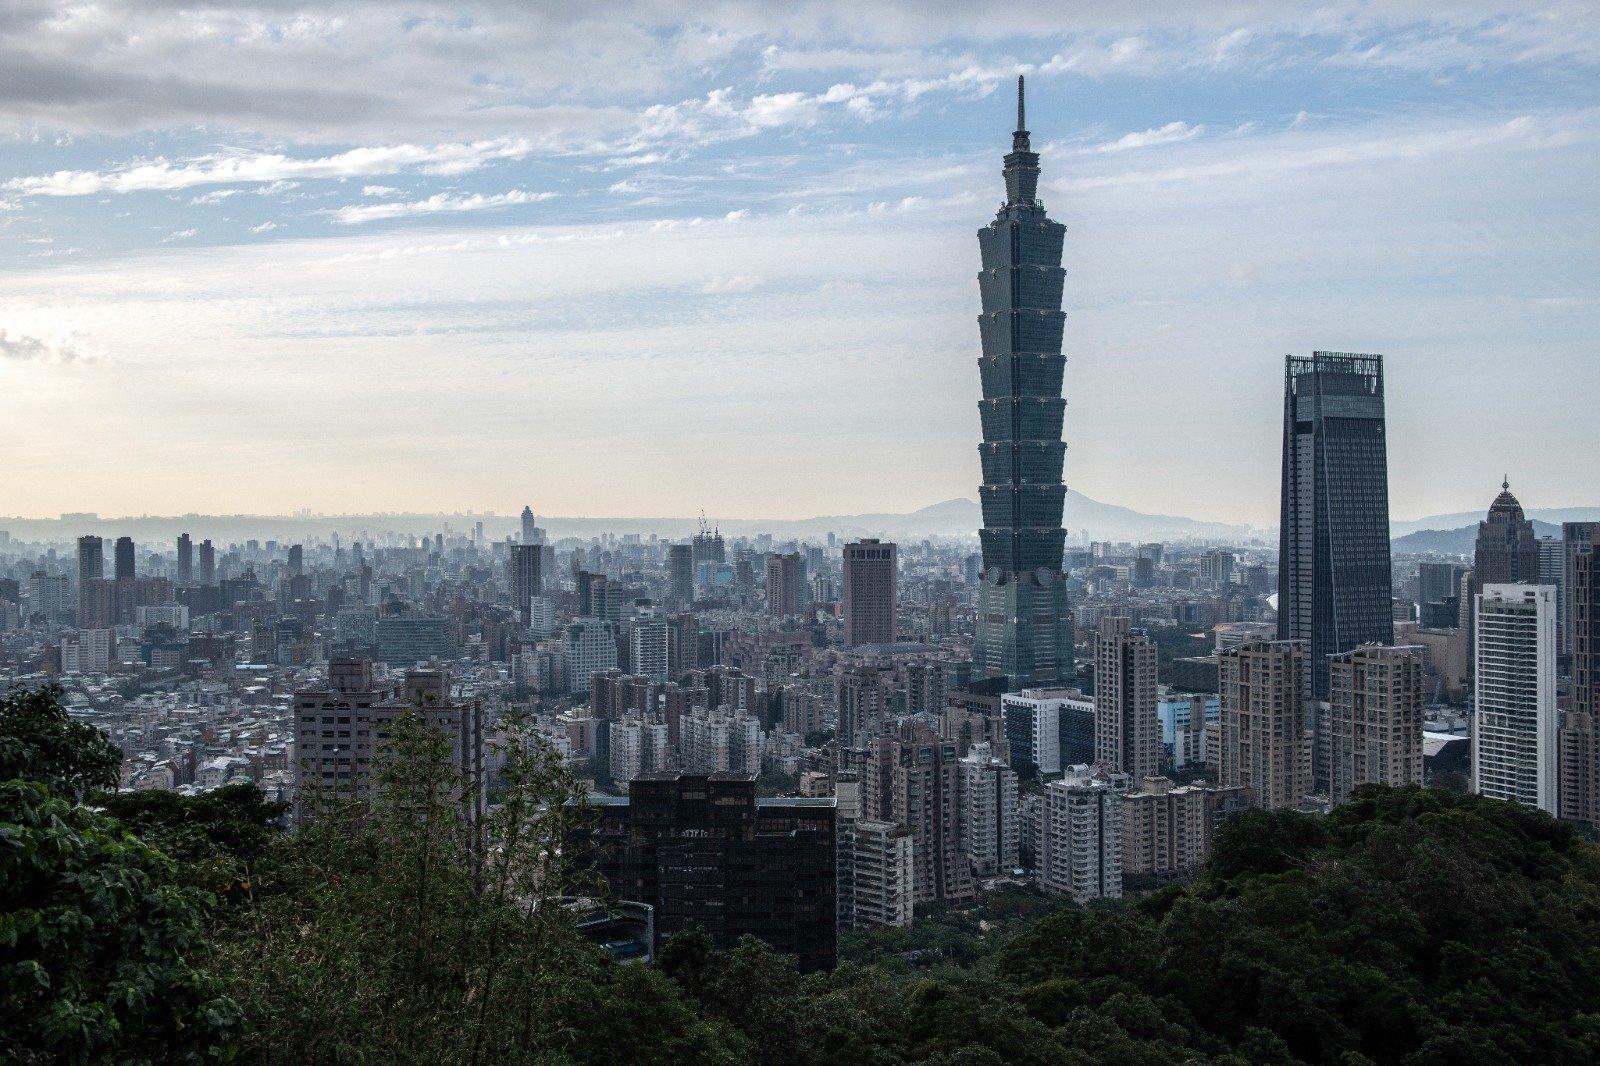 台灣預防中共病毒(武漢肺炎)成效顯著,經濟數據表現理想,2020年12月30日大盤走高215點,本年迄今升22.4%。圖為台北101大樓。(Carl Court/Getty Images)